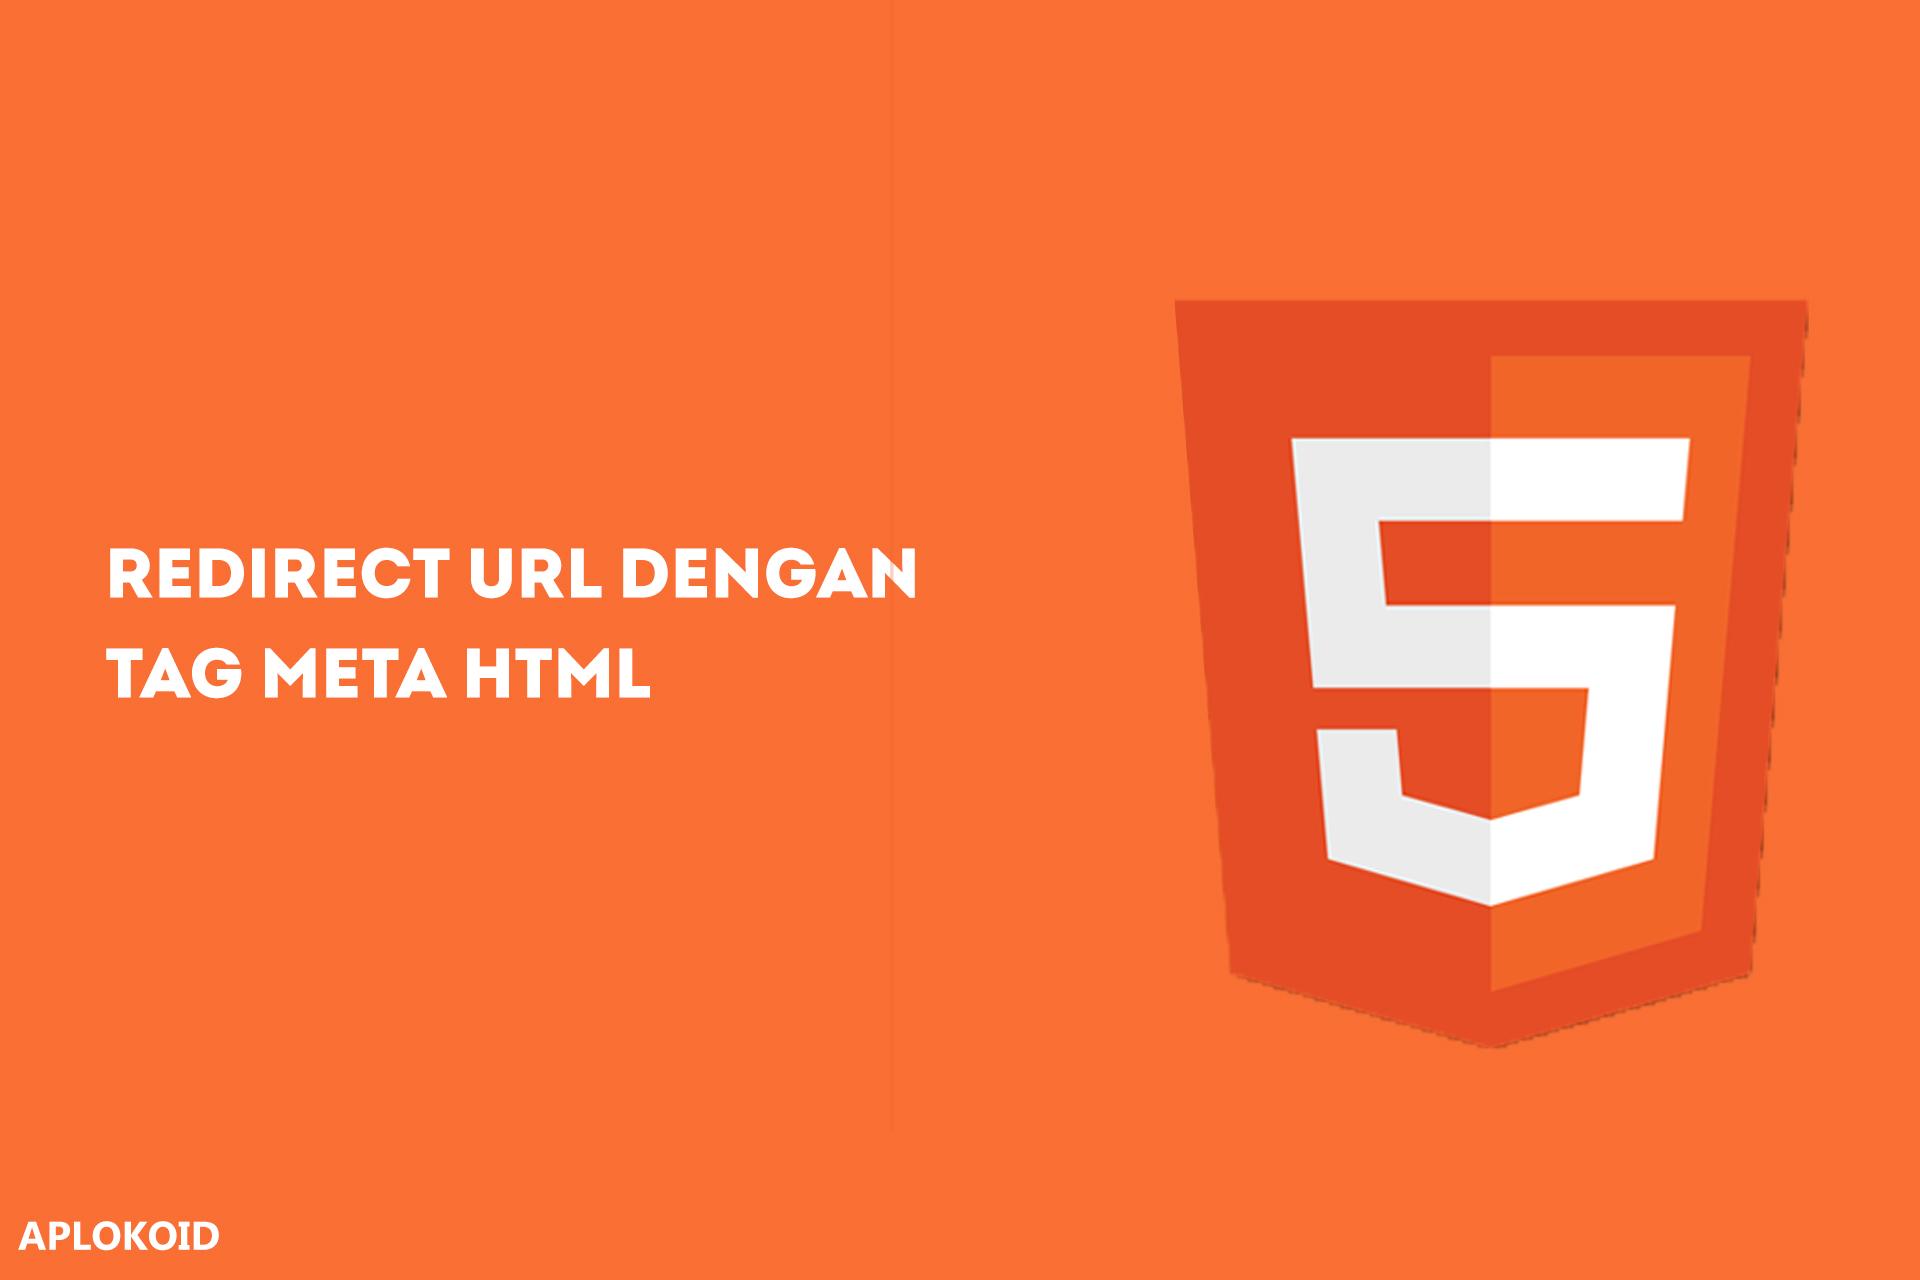 Cara Redirect URL Menggunakan Tag Meta pada HTML